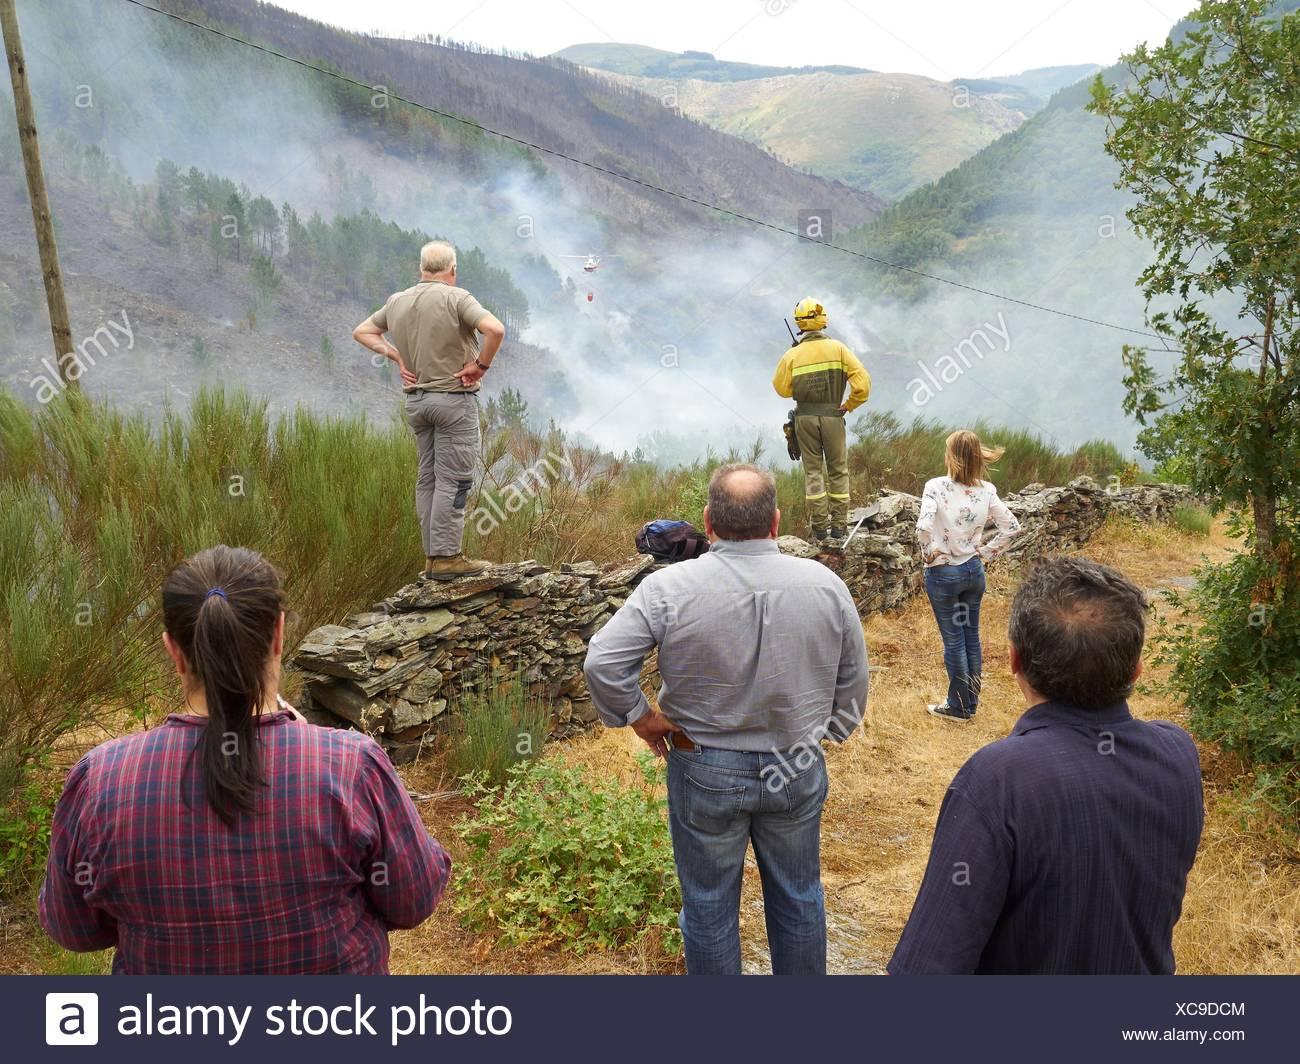 Forest fire in Navia de Suarna, Lugo, Galicia, Spain (26/07/2015) Stock Photo